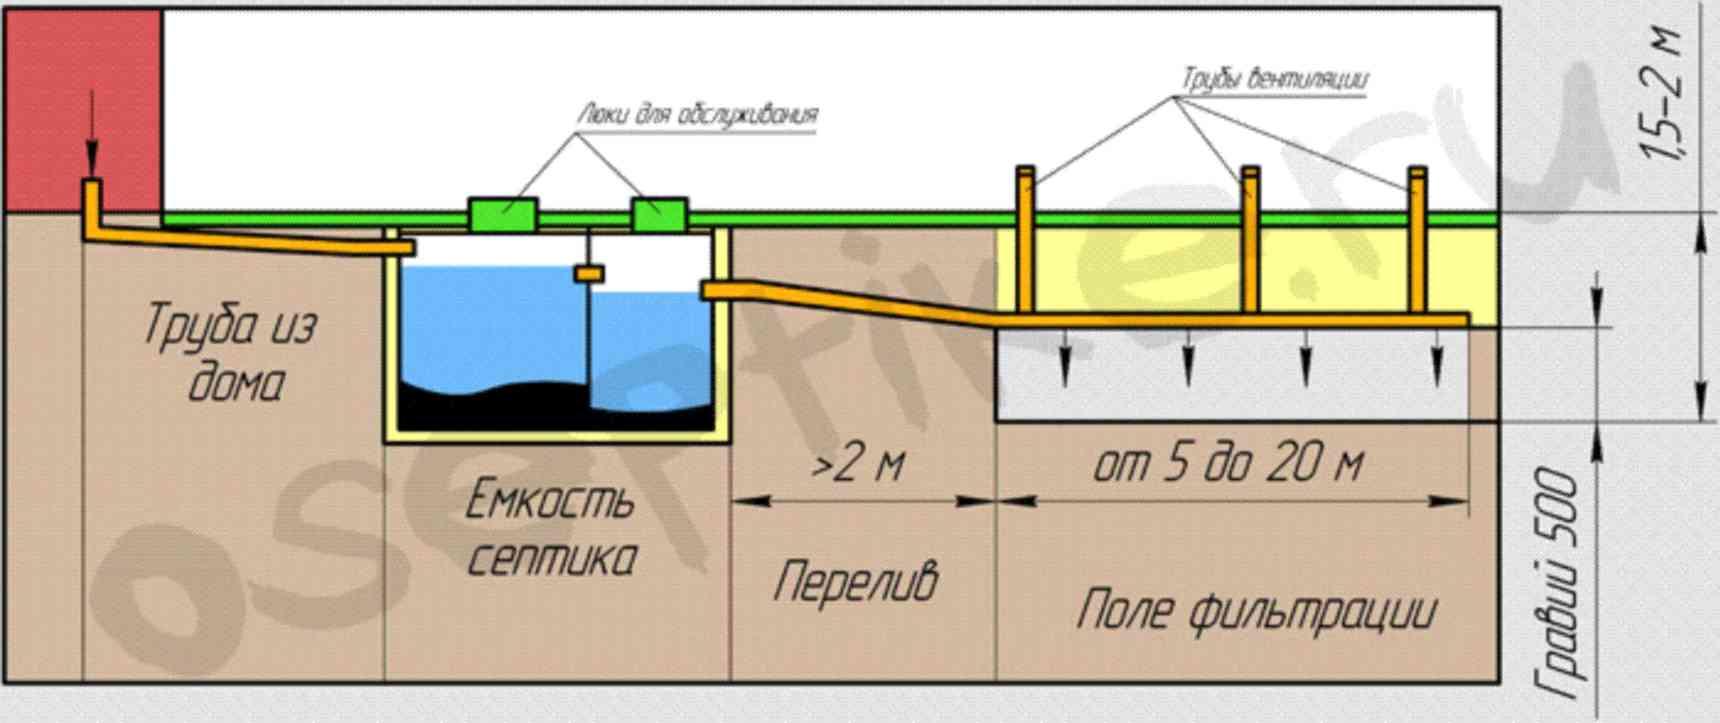 Глубина укладки канализационных труб в частном доме - всё о сантехнике